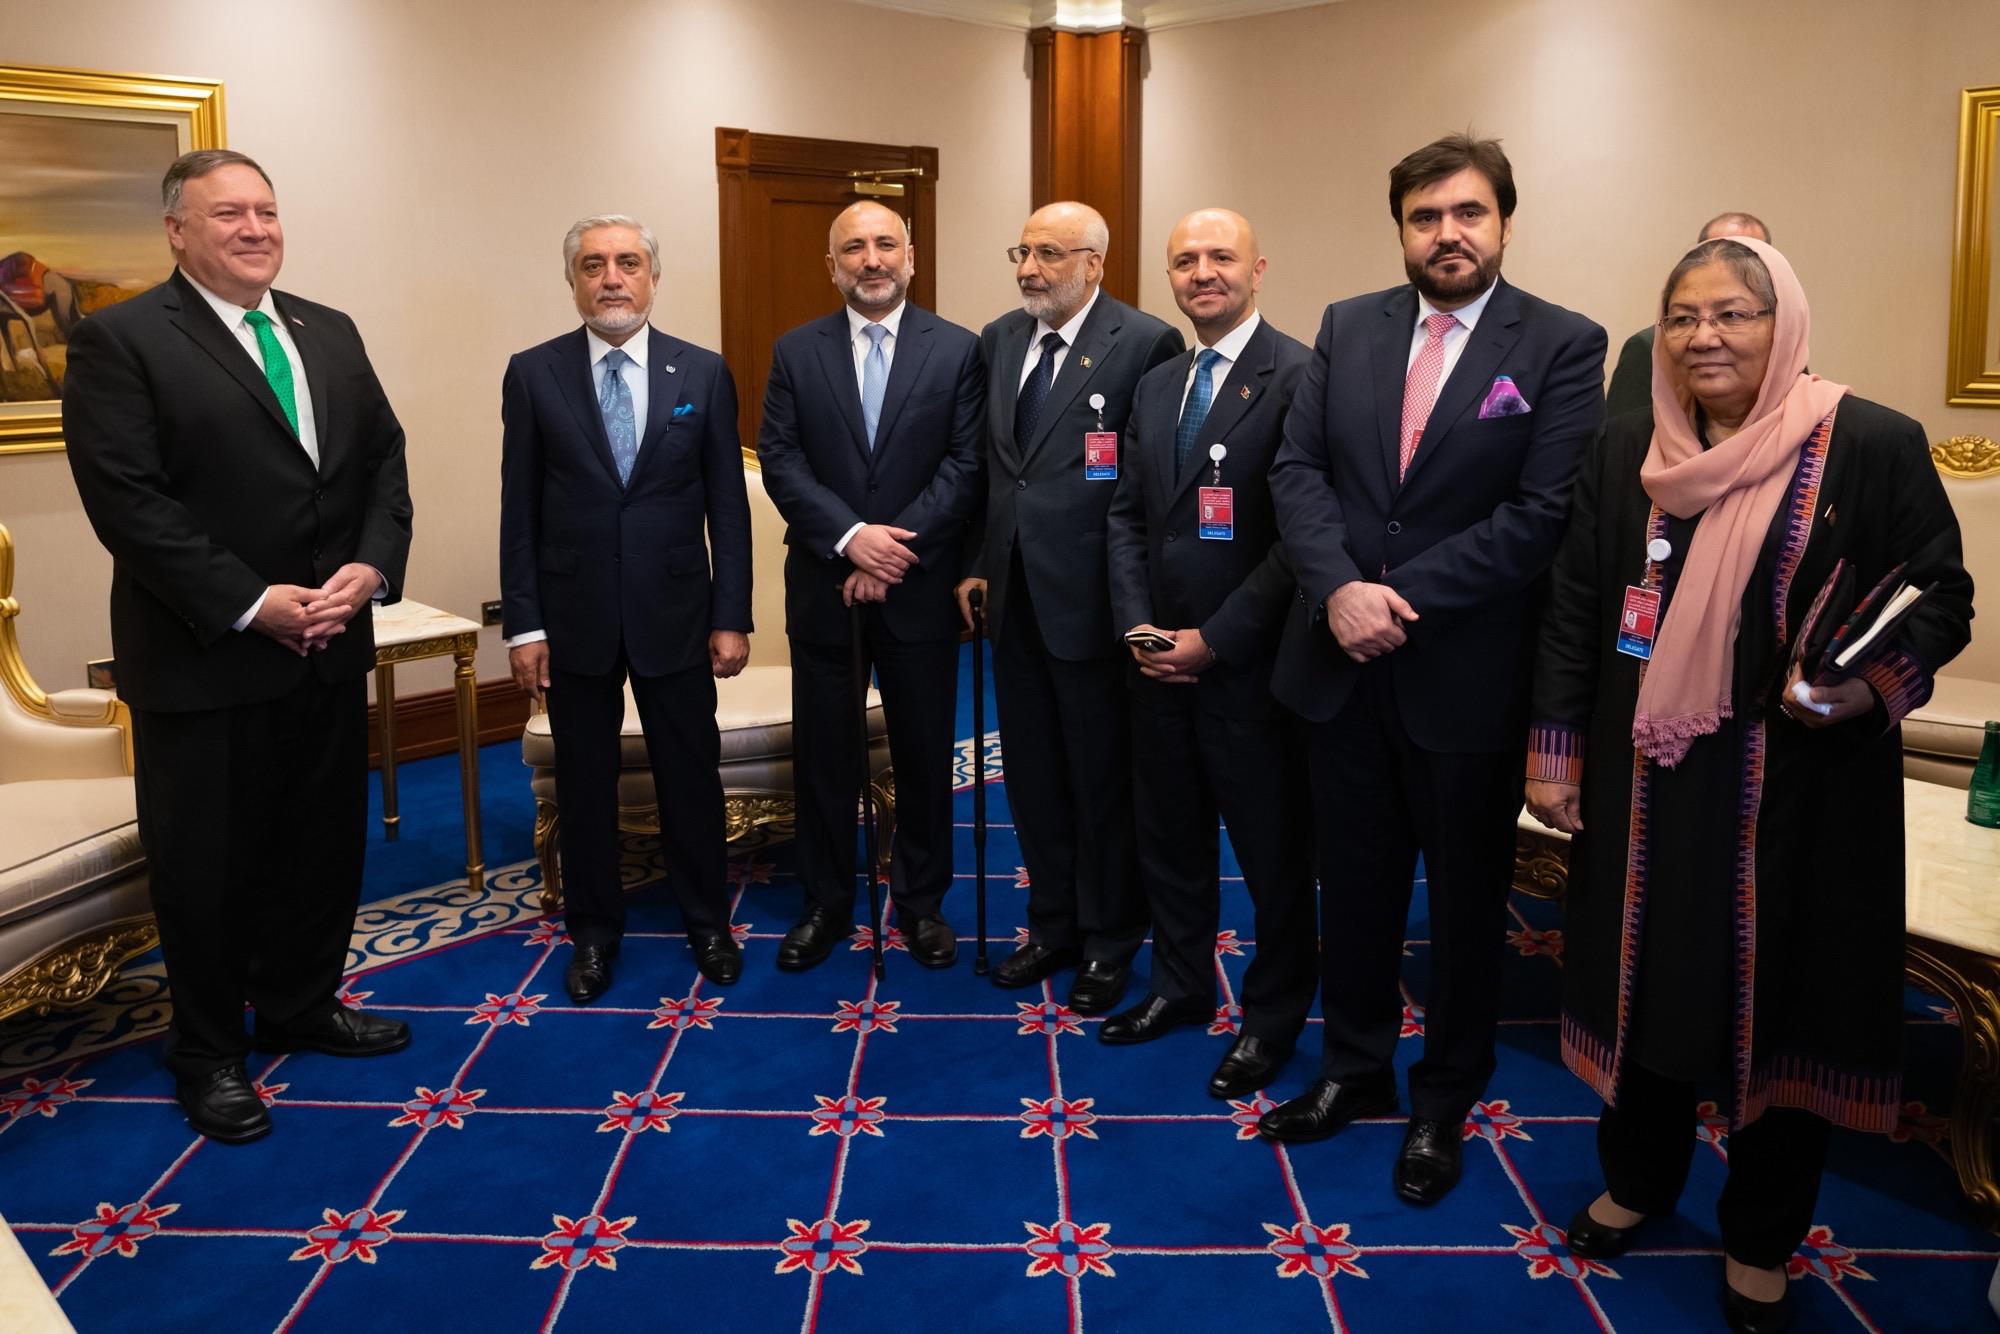 دیدار پمپئو با عبدالله و اتمر در حاشیه گفتگوهای بین الافغانی در دوحه